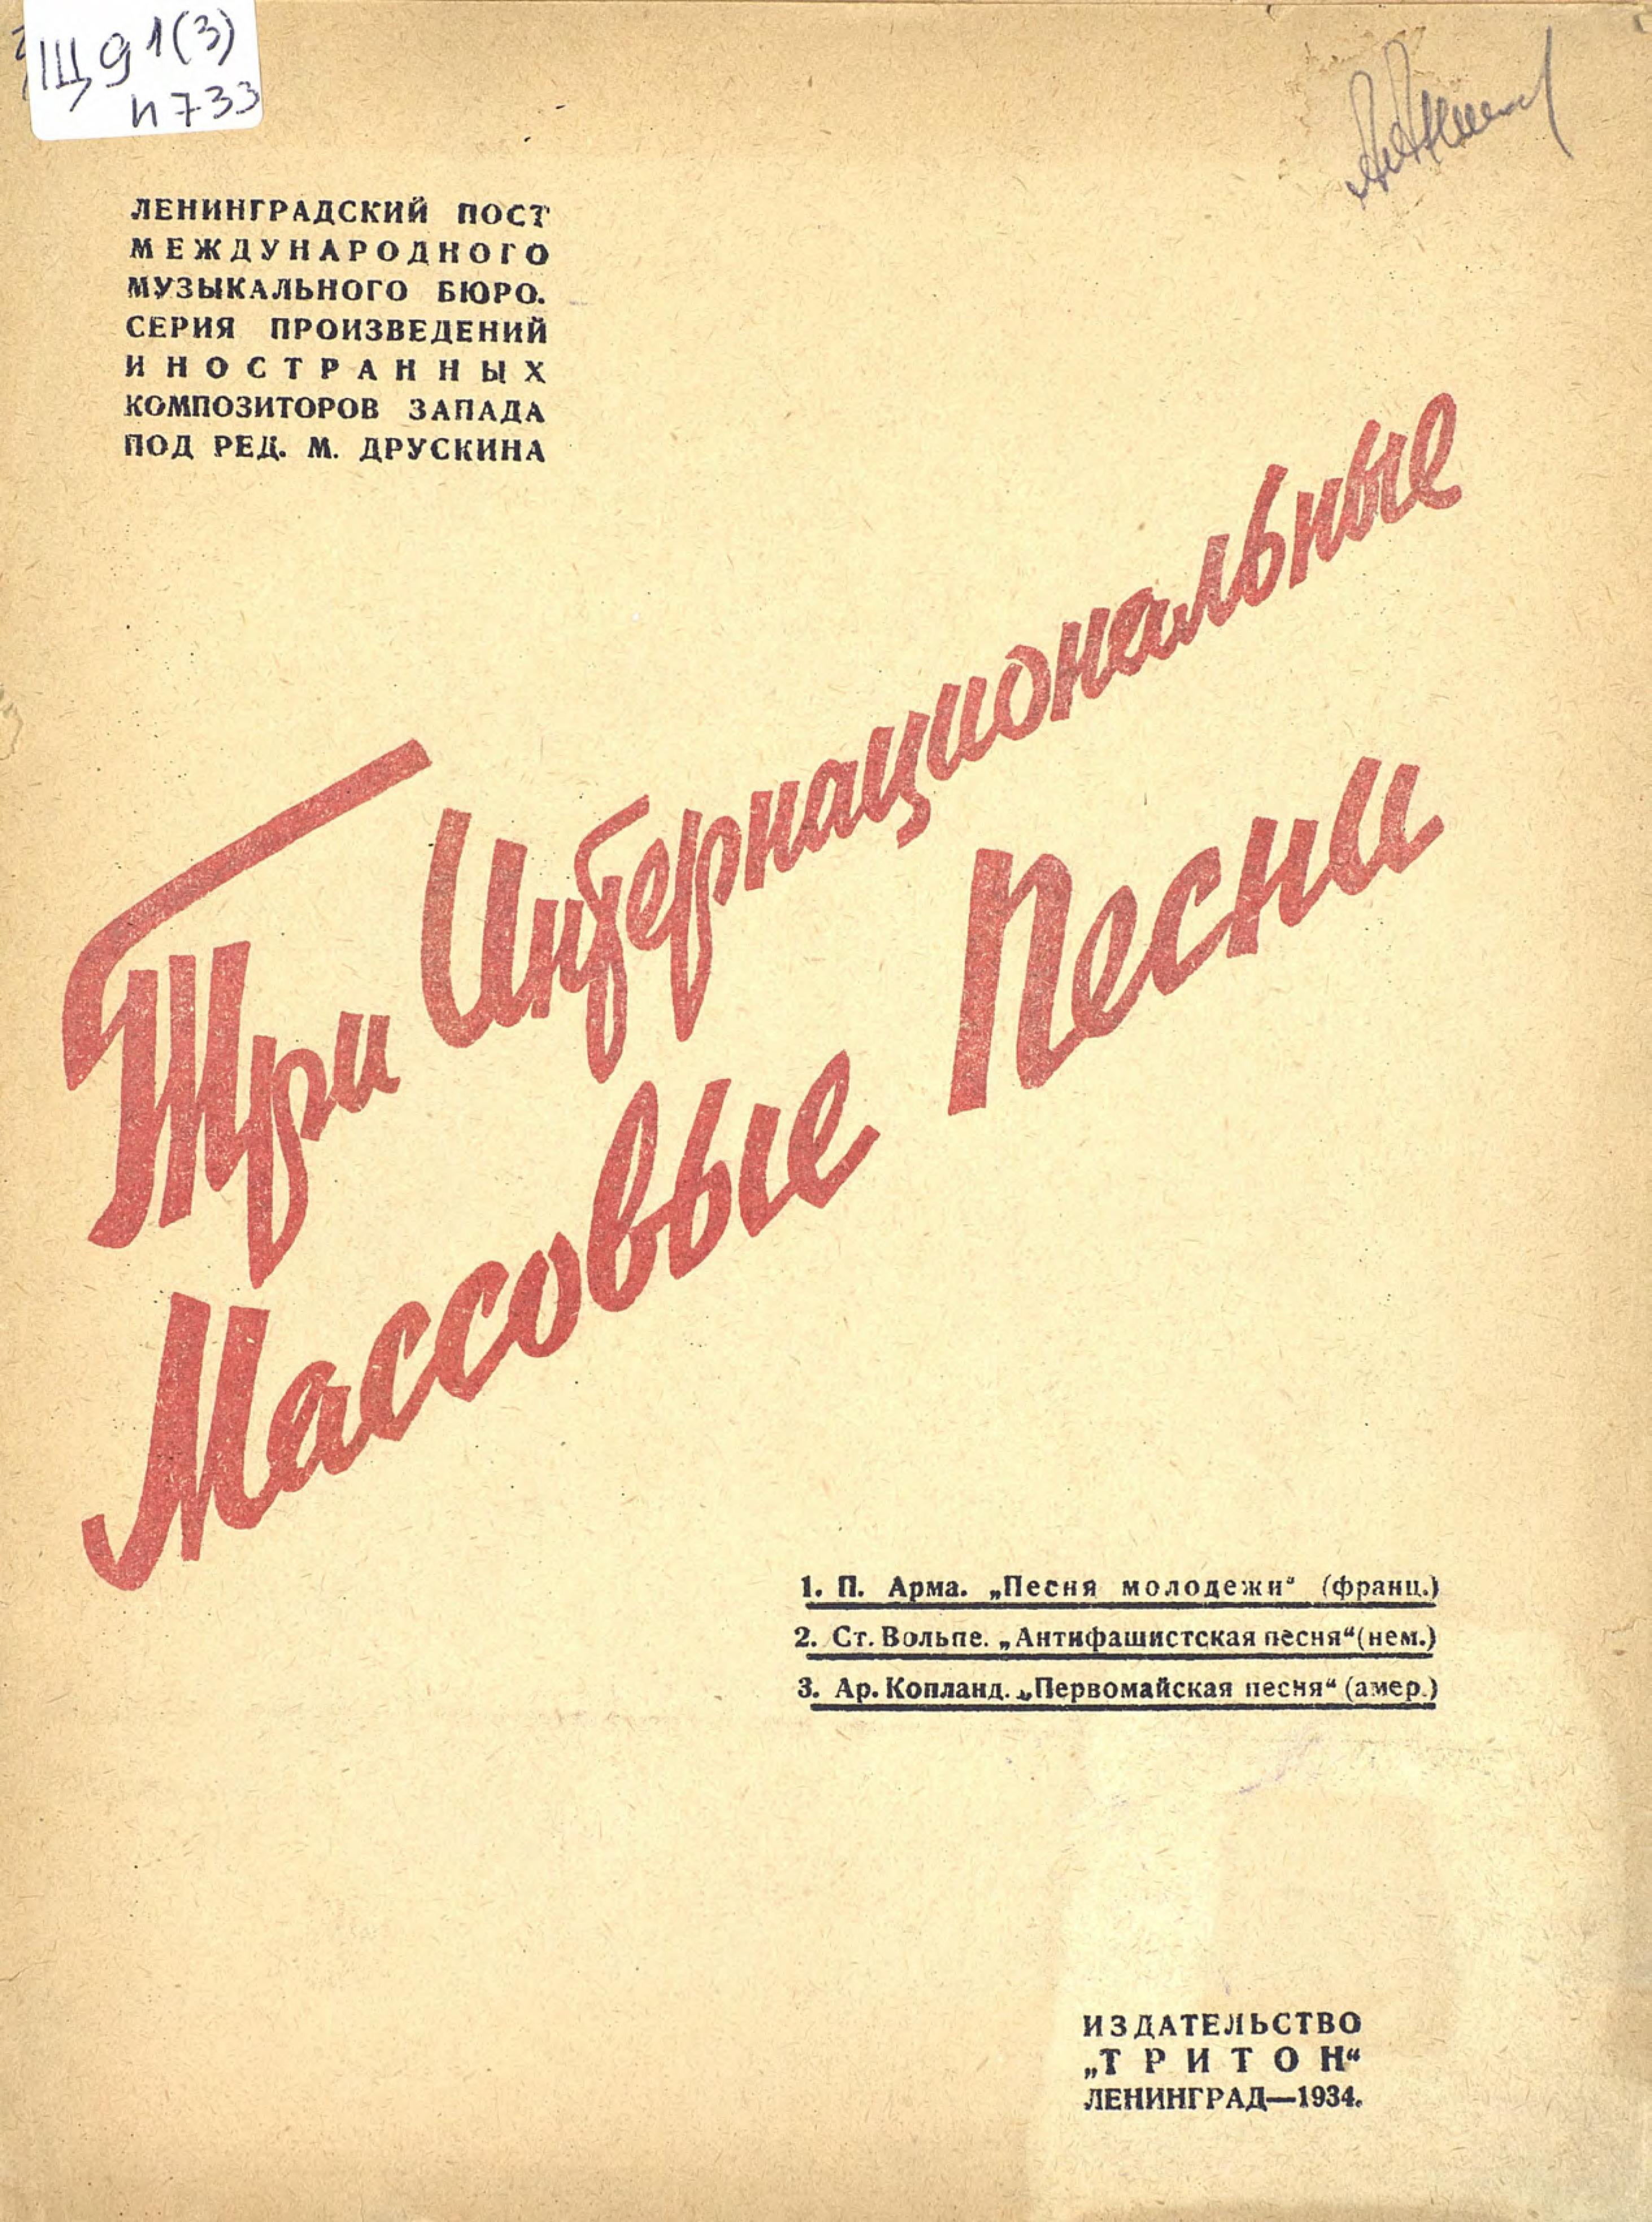 Народное творчество Три интернациональные массовые песни народное творчество занимается день народные и казачьи песни